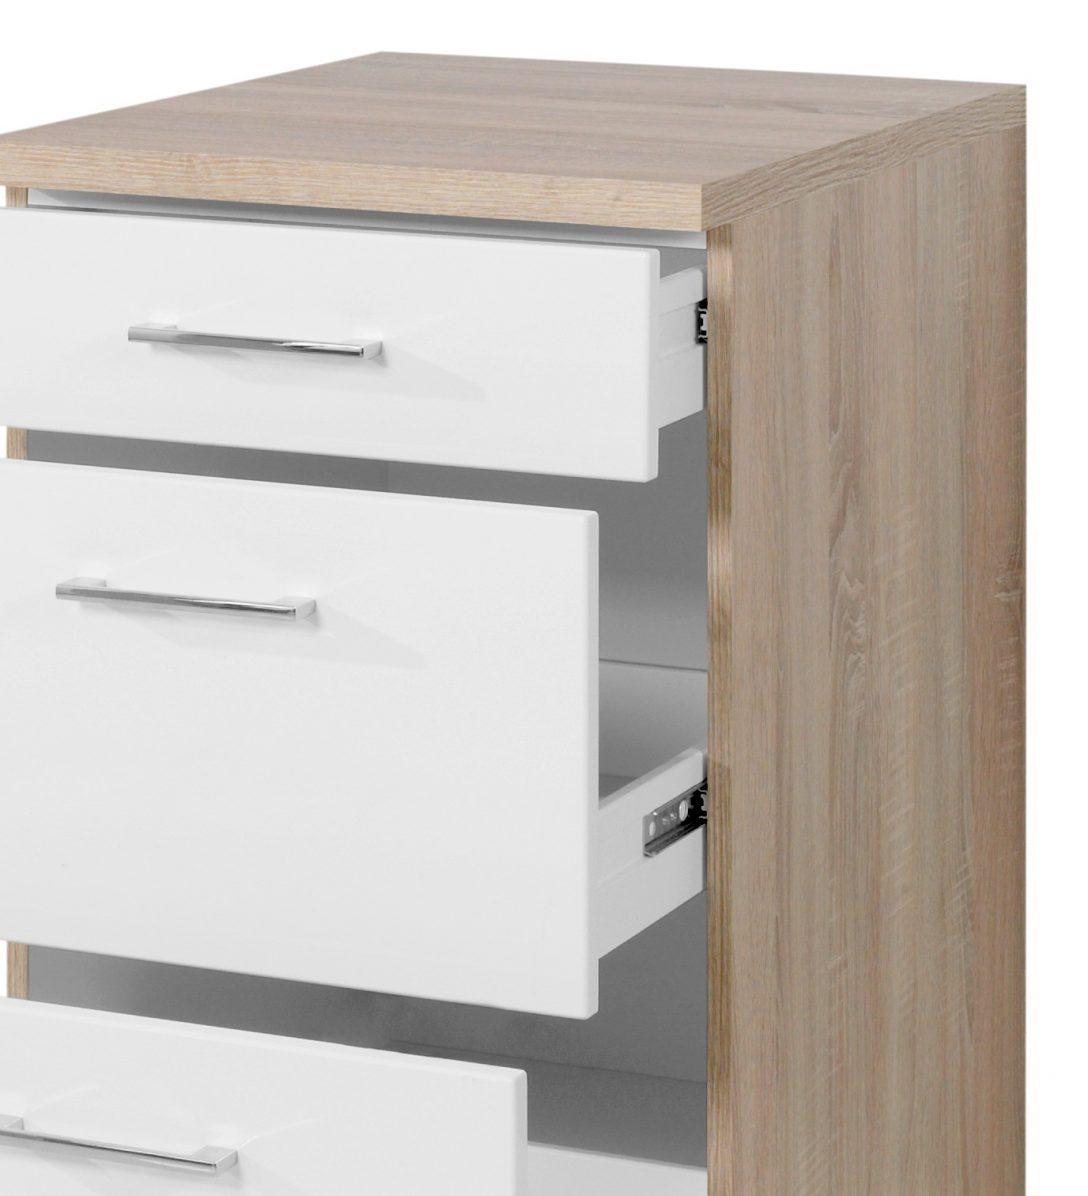 Large Size of Küchenunterschrank Kchen Unterschrank Lissabon 3 Schubladen 50 Cm Breit Wohnzimmer Küchenunterschrank